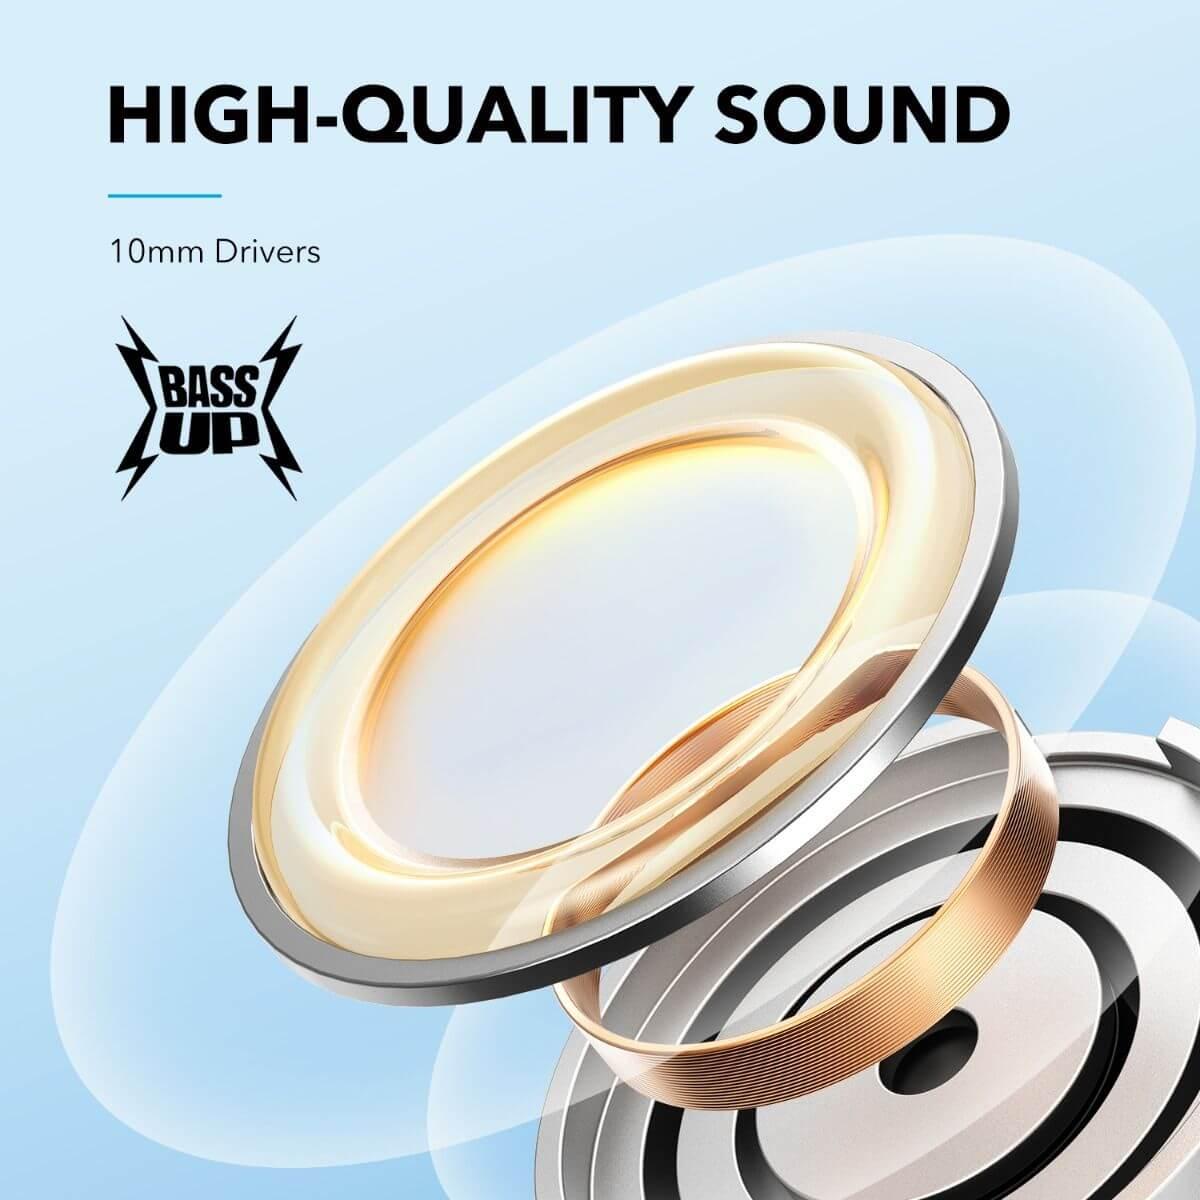 Anker-Soundcore-R500-Fast-Charging-Neckband-Earphones